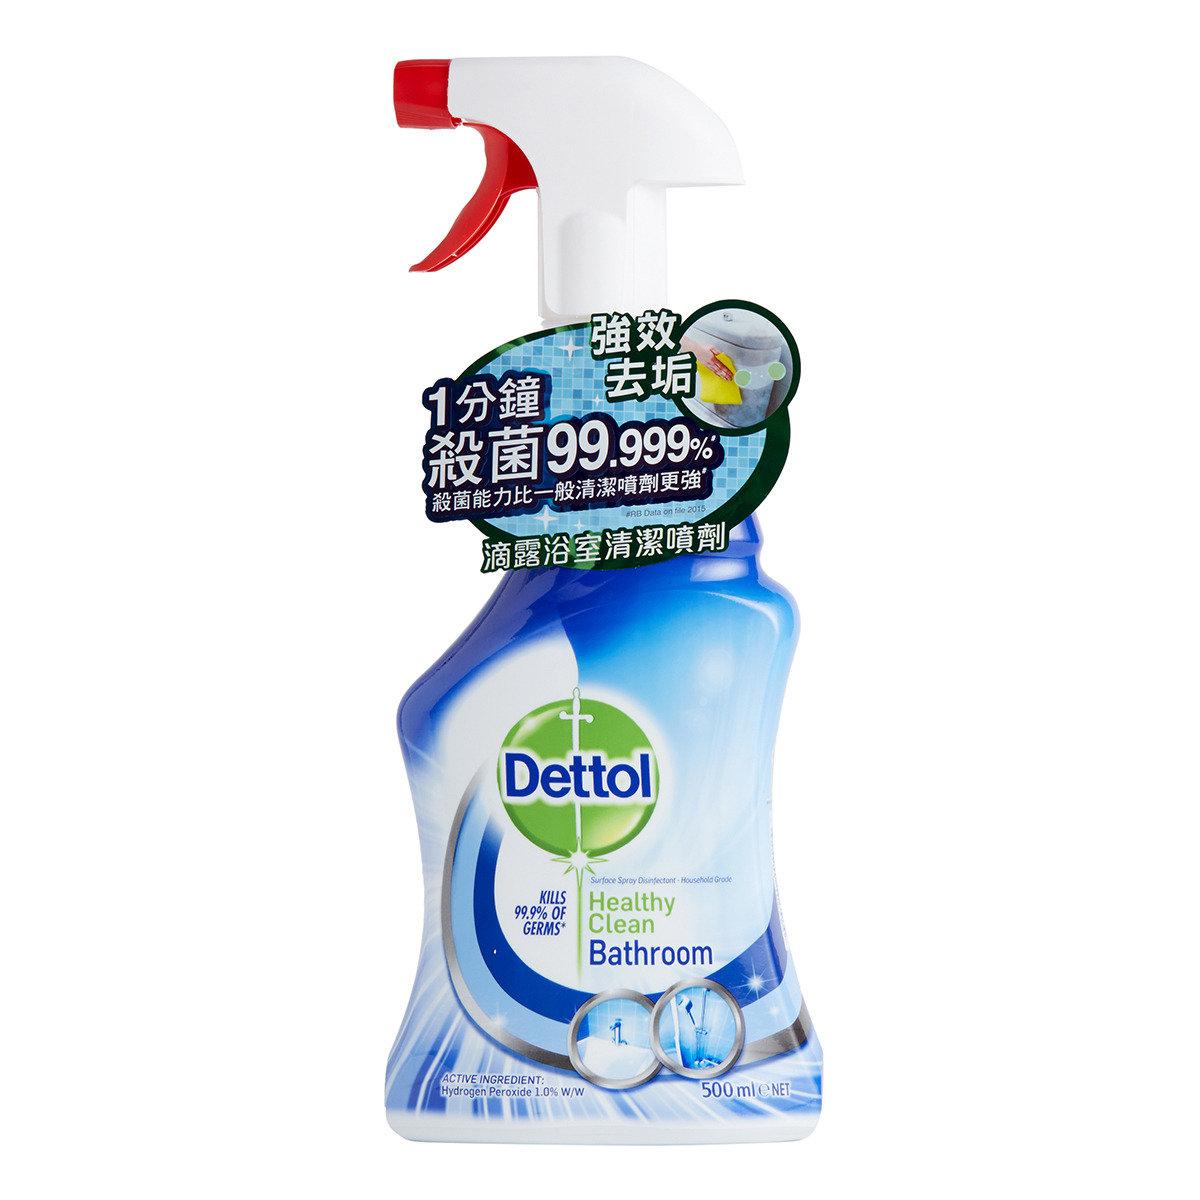 浴室清潔噴劑